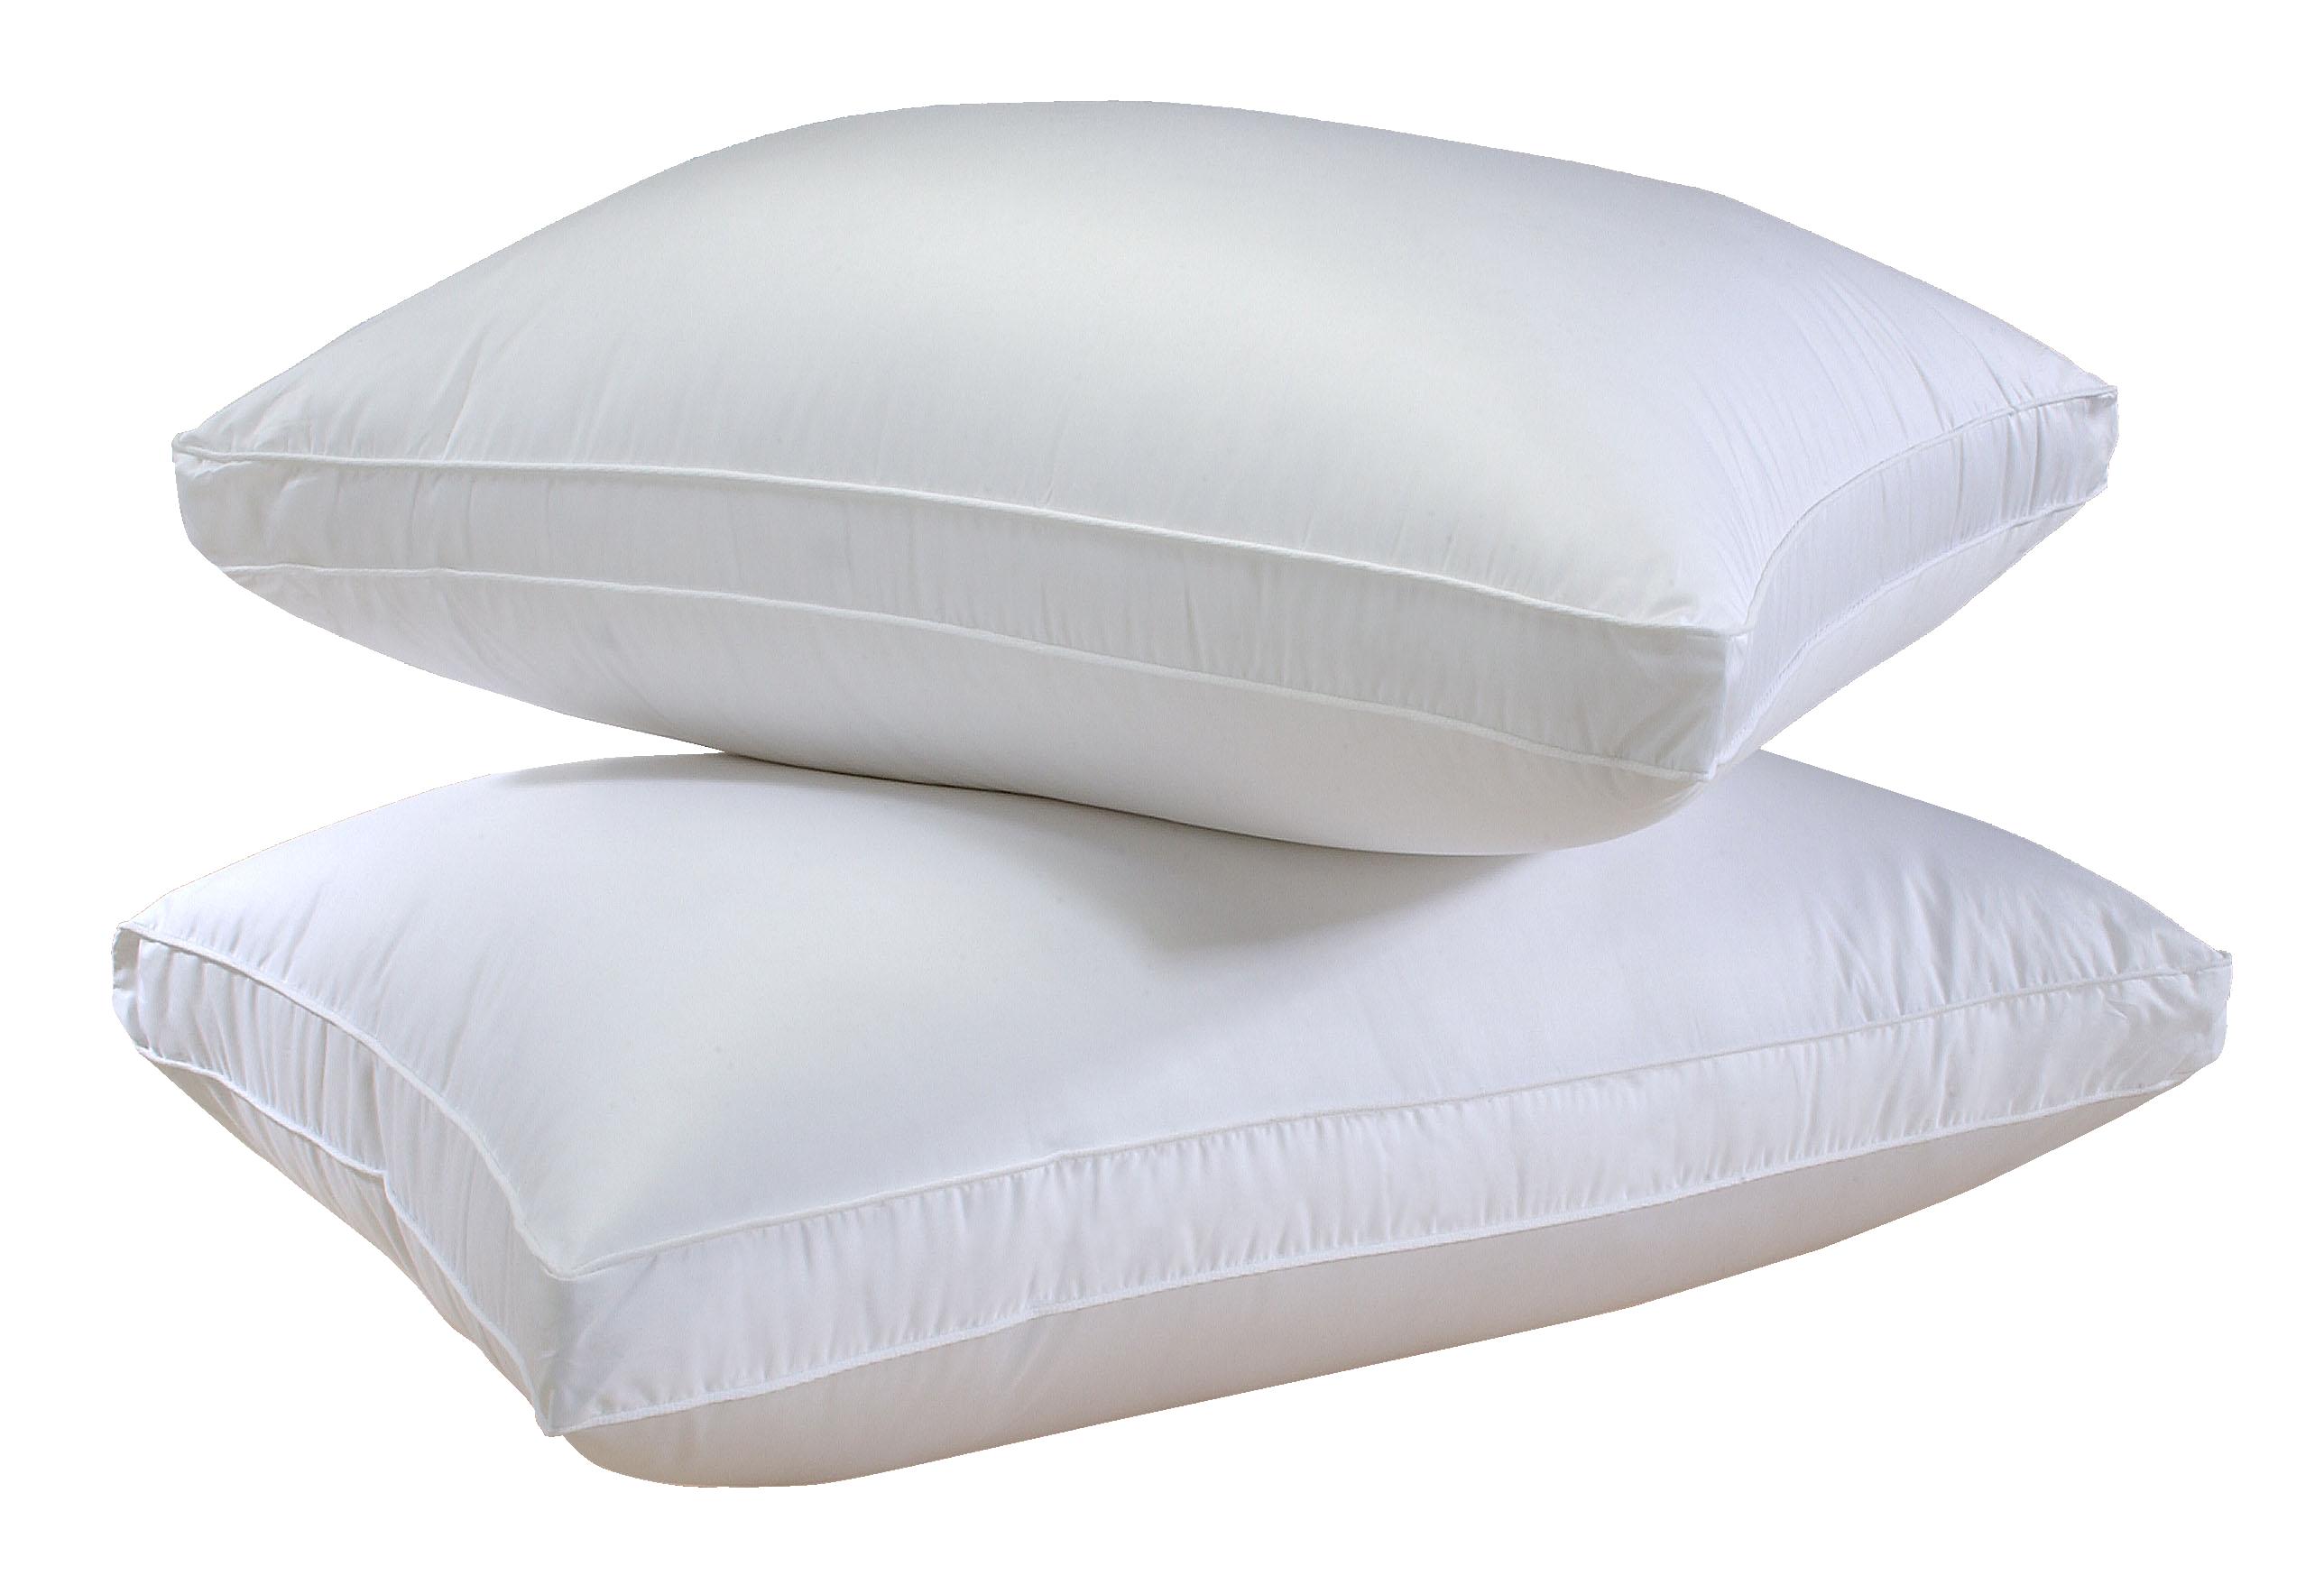 Pillow PNG Transparent Image.